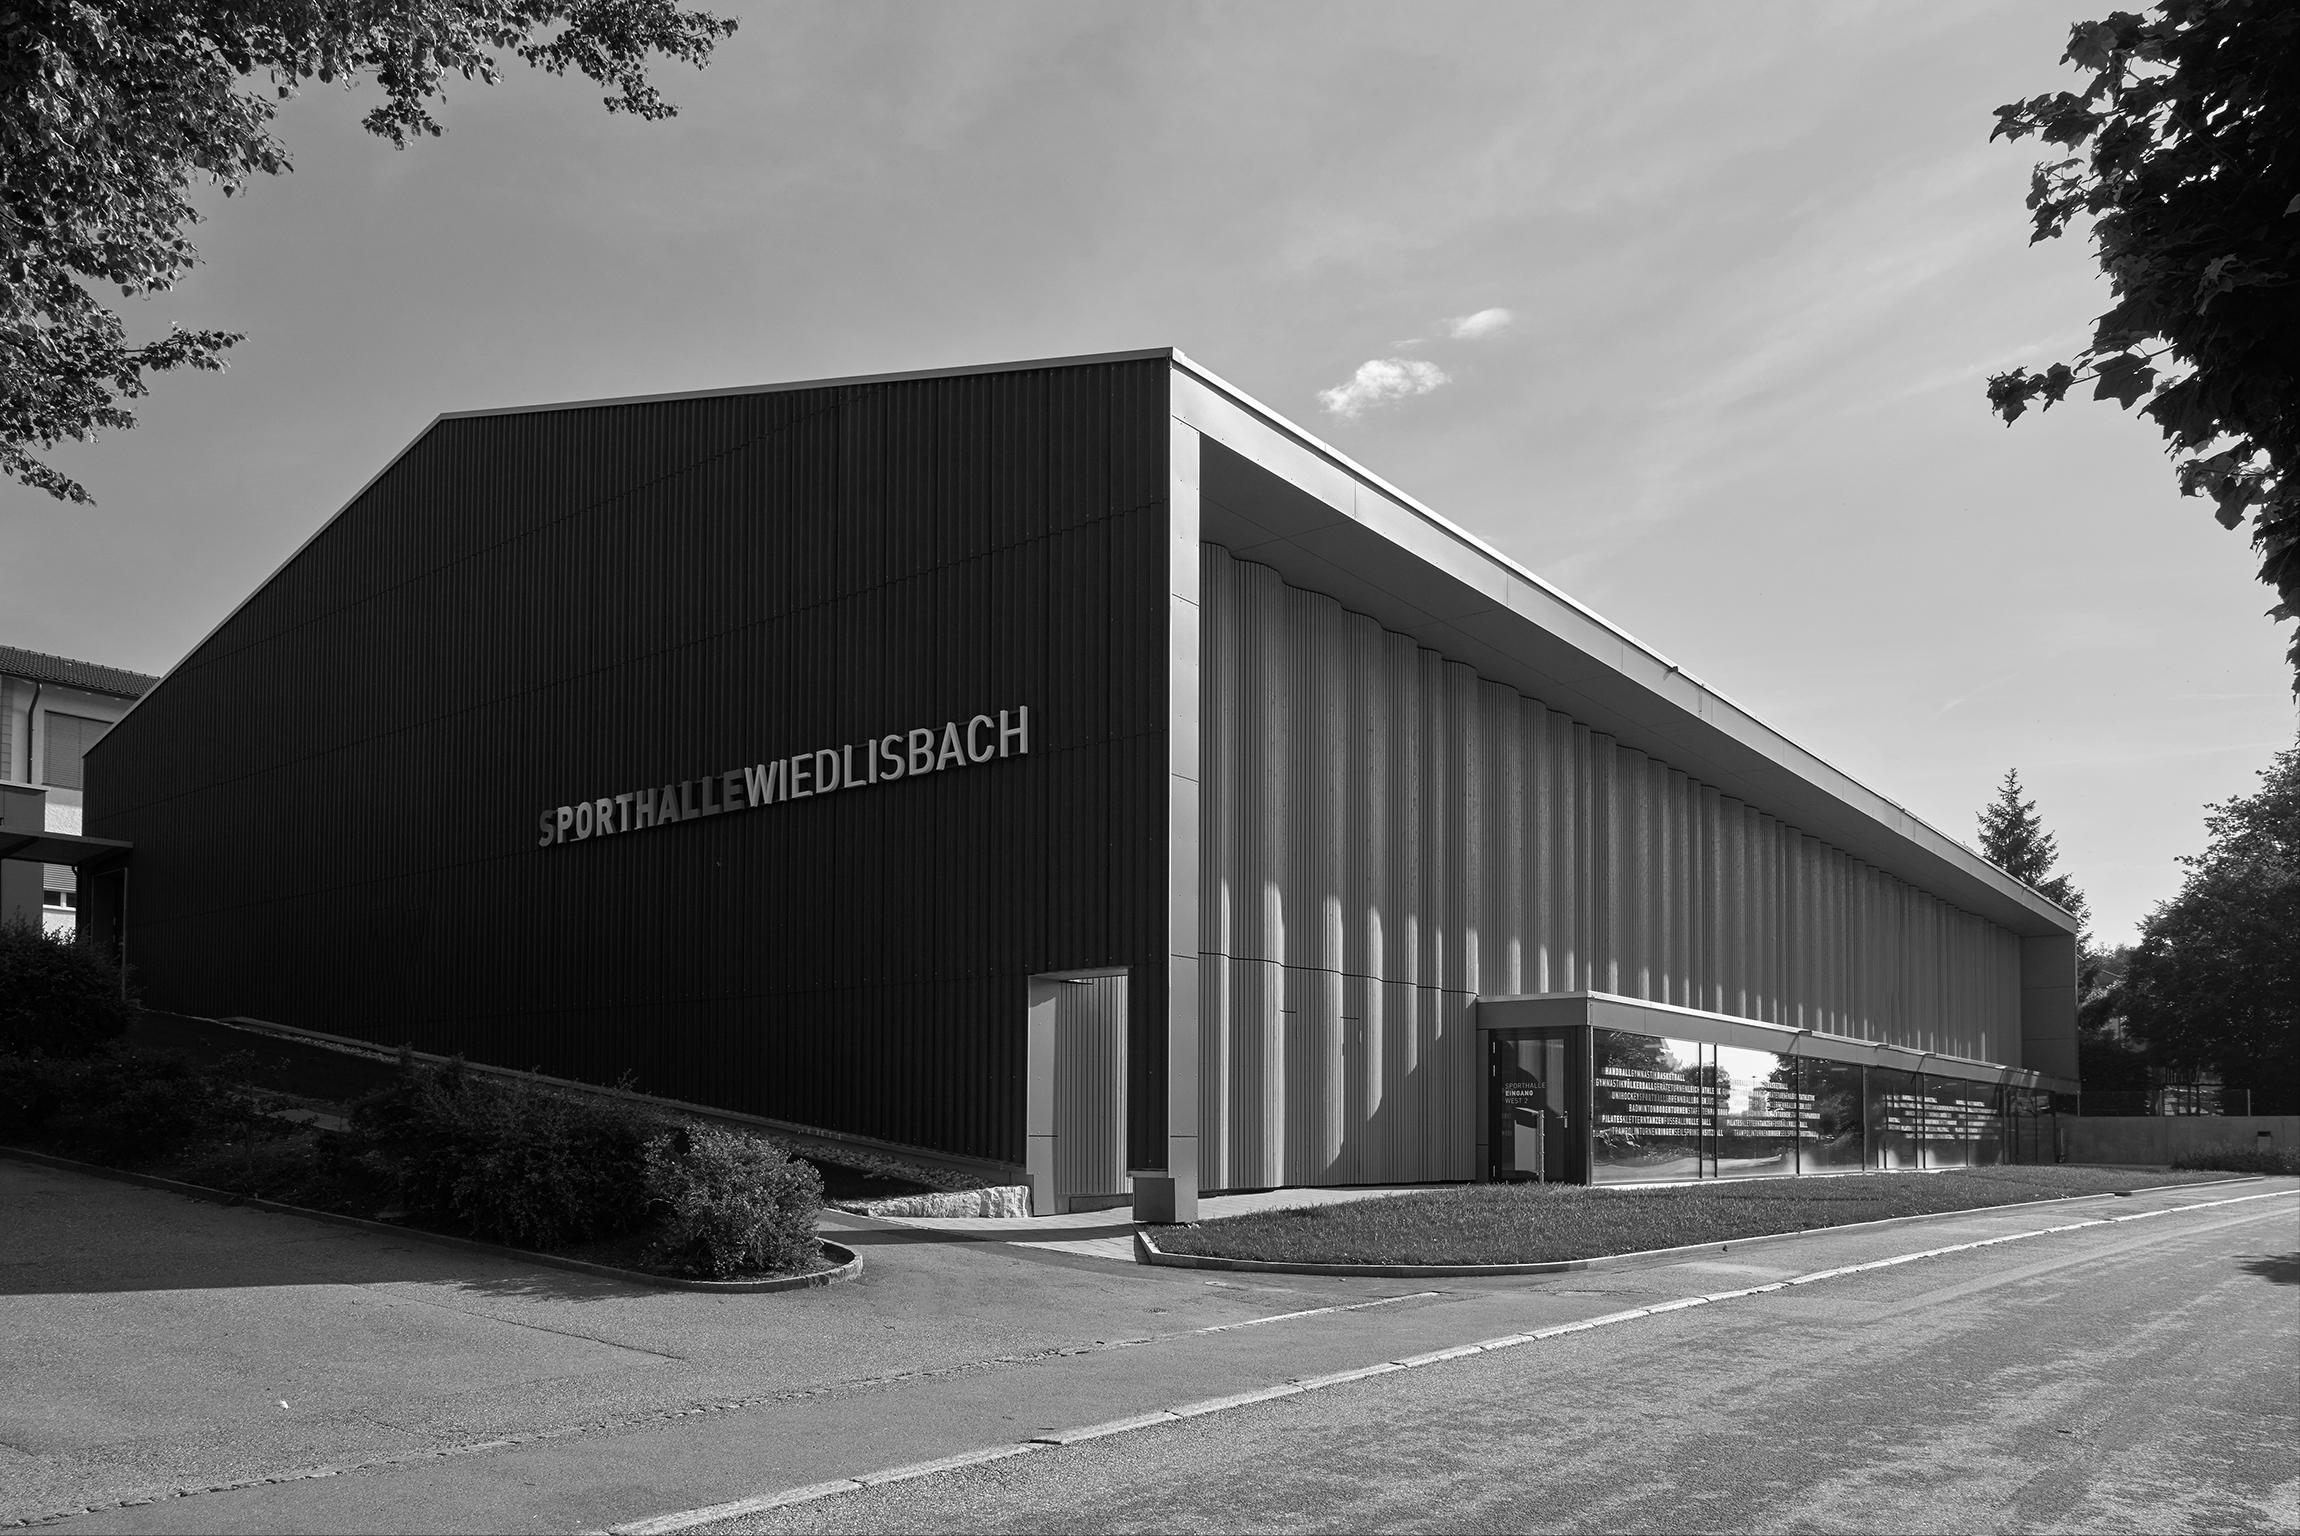 Sporthalle Wiedlisbach 1